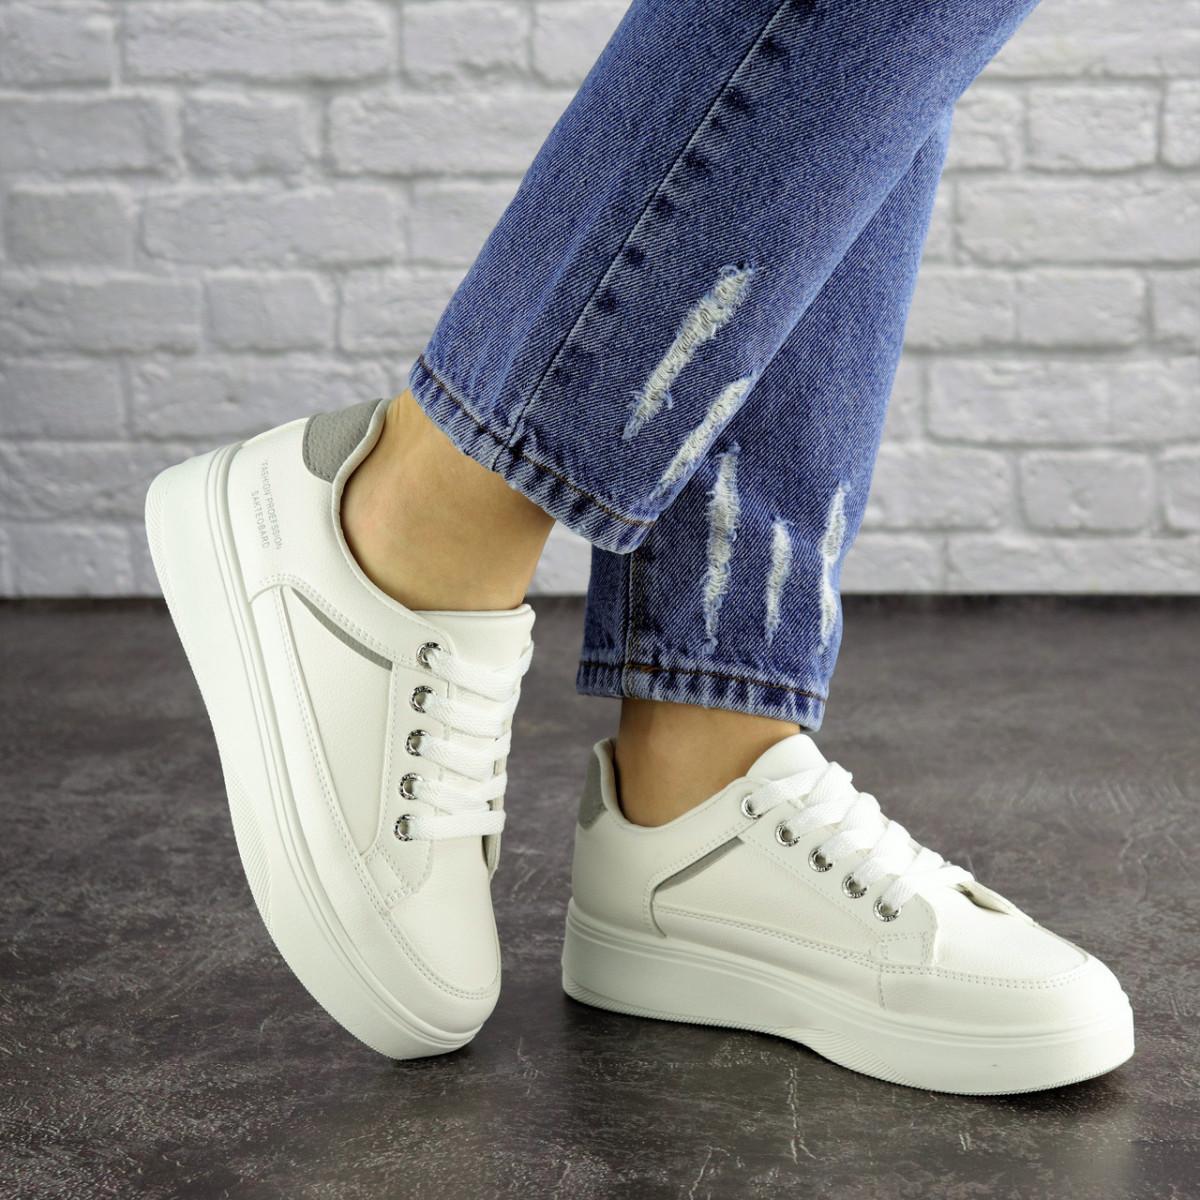 Женские белые кроссовки Blacky 1660 (38 размер)